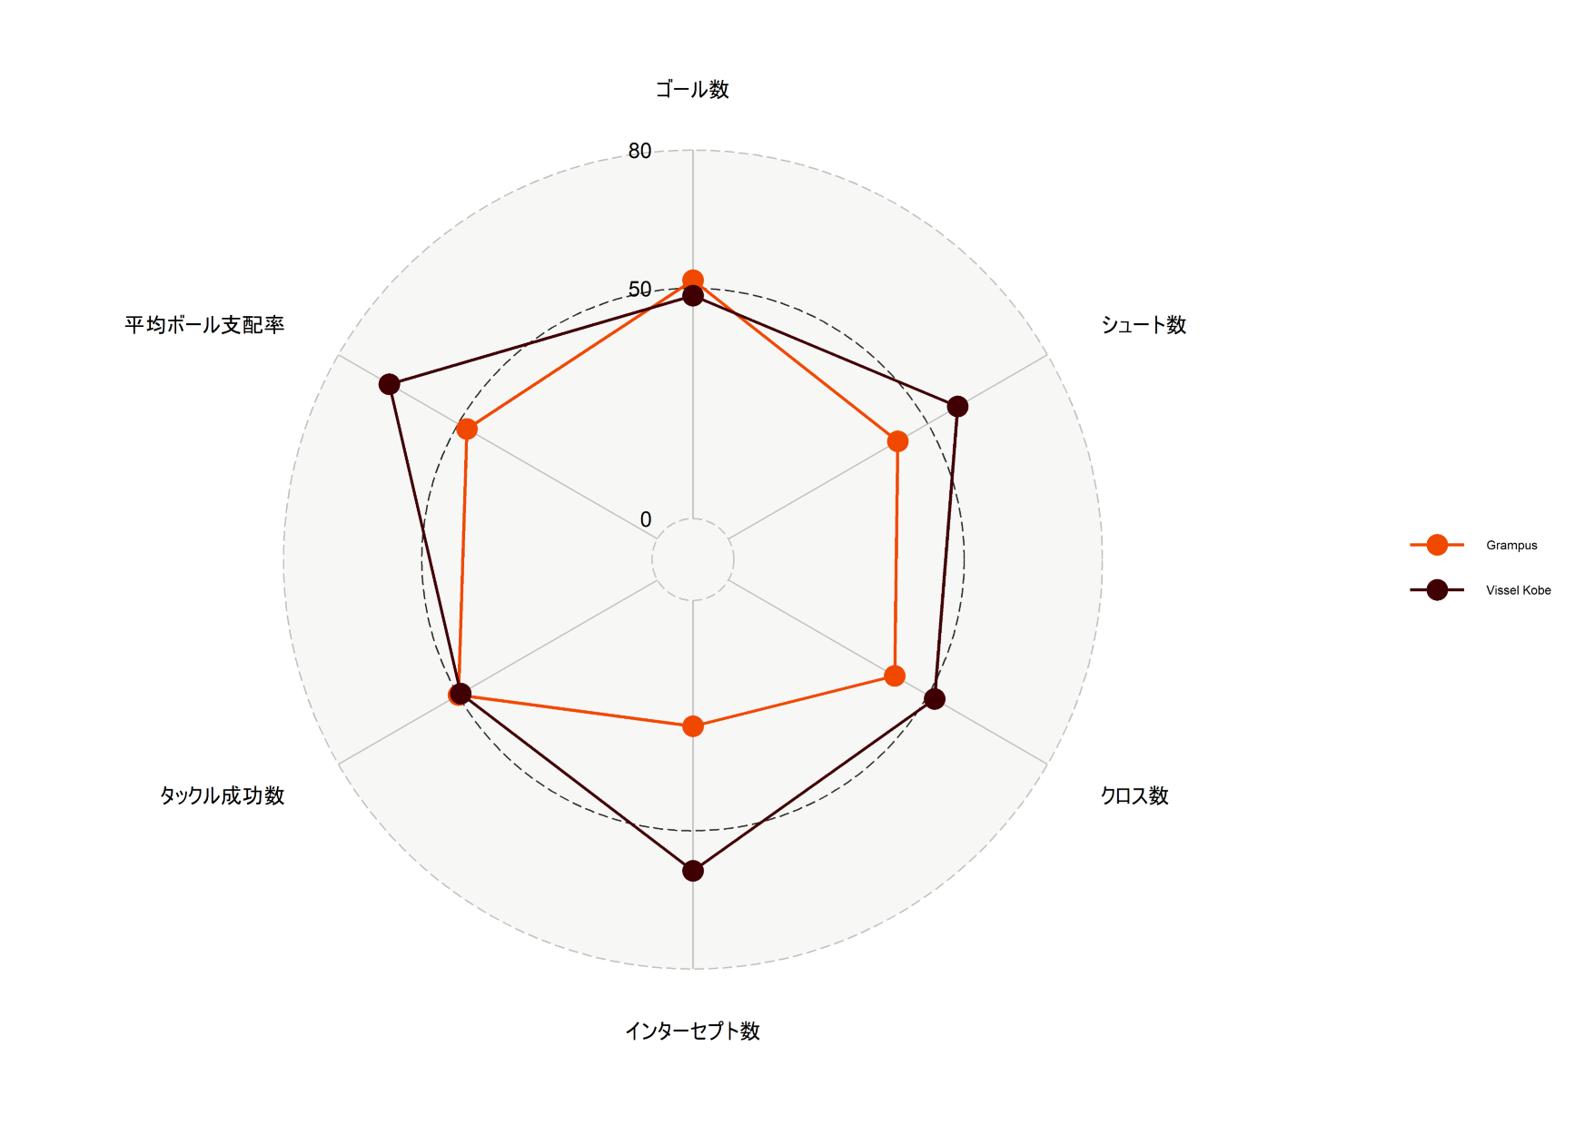 試合平均ベースのレーダーチャート(17節時点ヴィッセル神戸と名古屋グランパス)